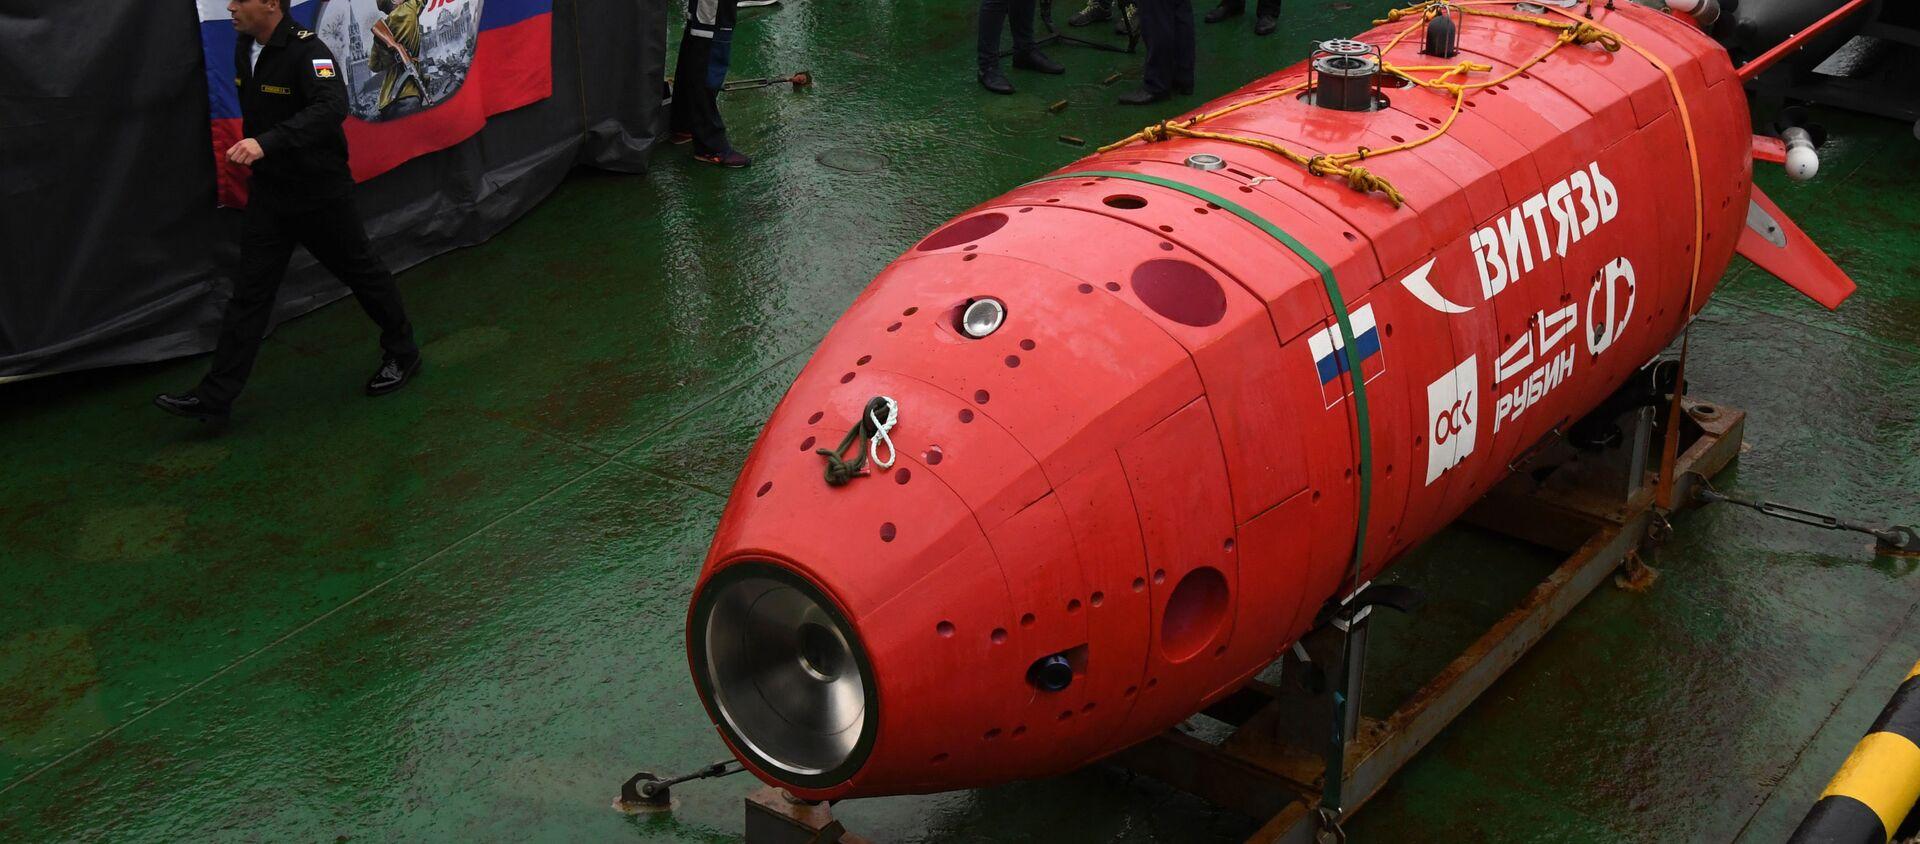 Phương tiện không người lái dưới nước mới nhất Vityaz - Sputnik Việt Nam, 1920, 12.06.2020